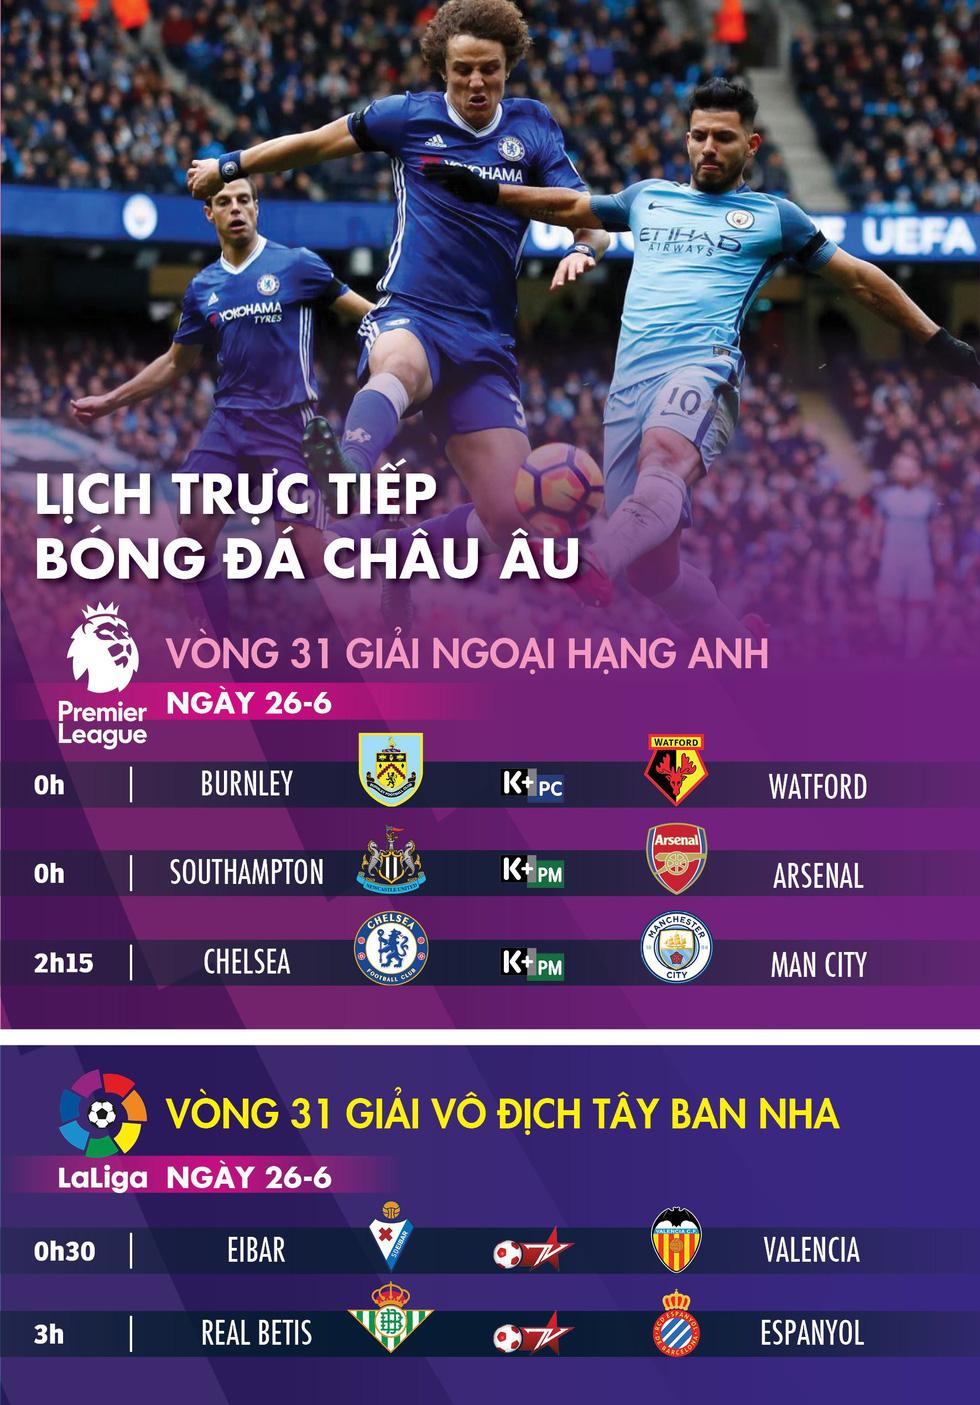 Lịch thi đấu, trực tiếp bóng đá châu Âu ngày 26-6: Chelsea gặp Man City - Ảnh 1.